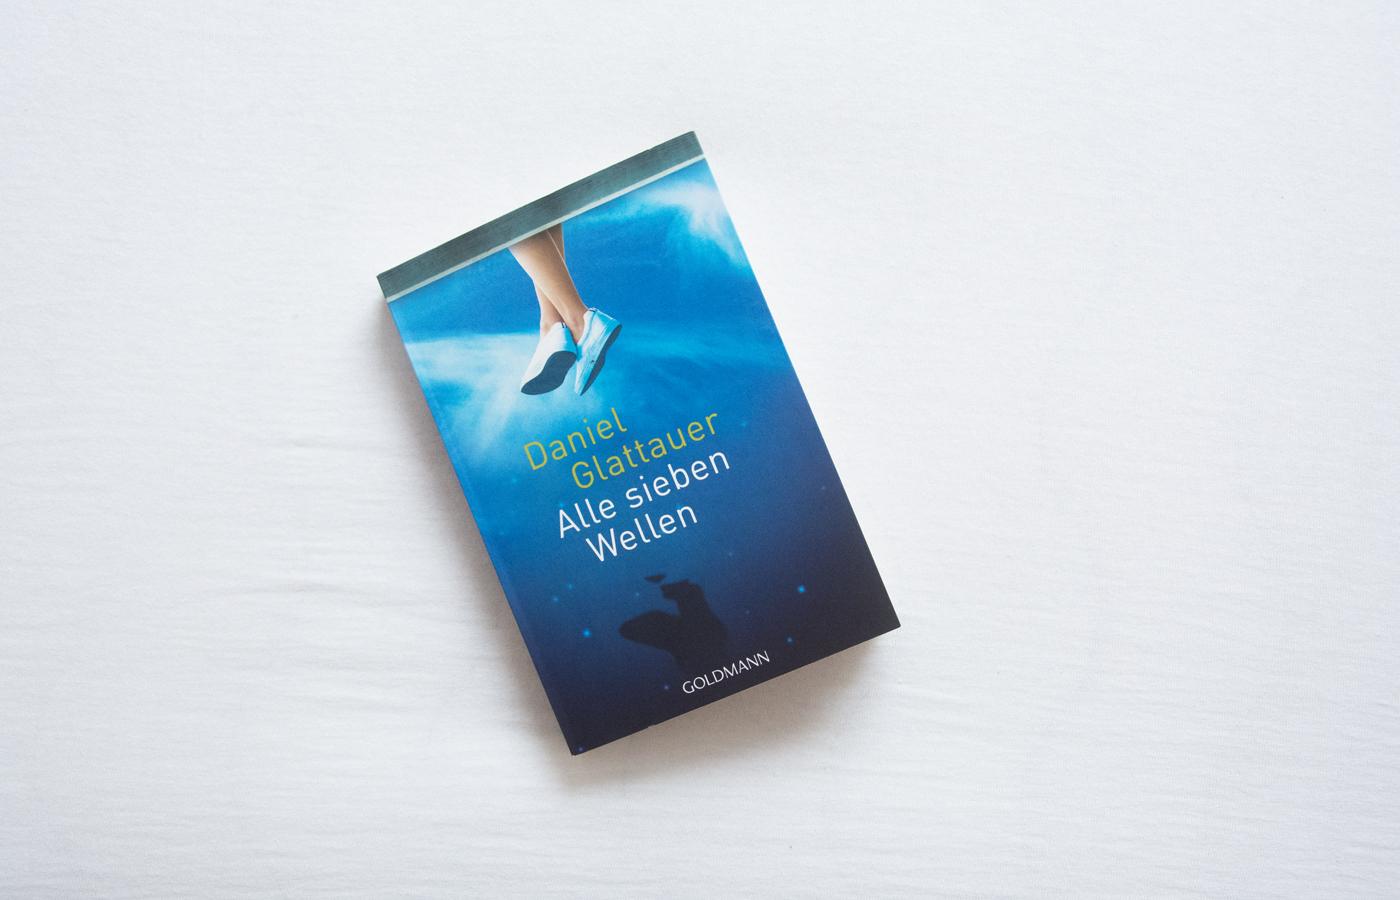 Literaturbesprechung:  »Alle sieben Wellen« von Daniel Glattauer